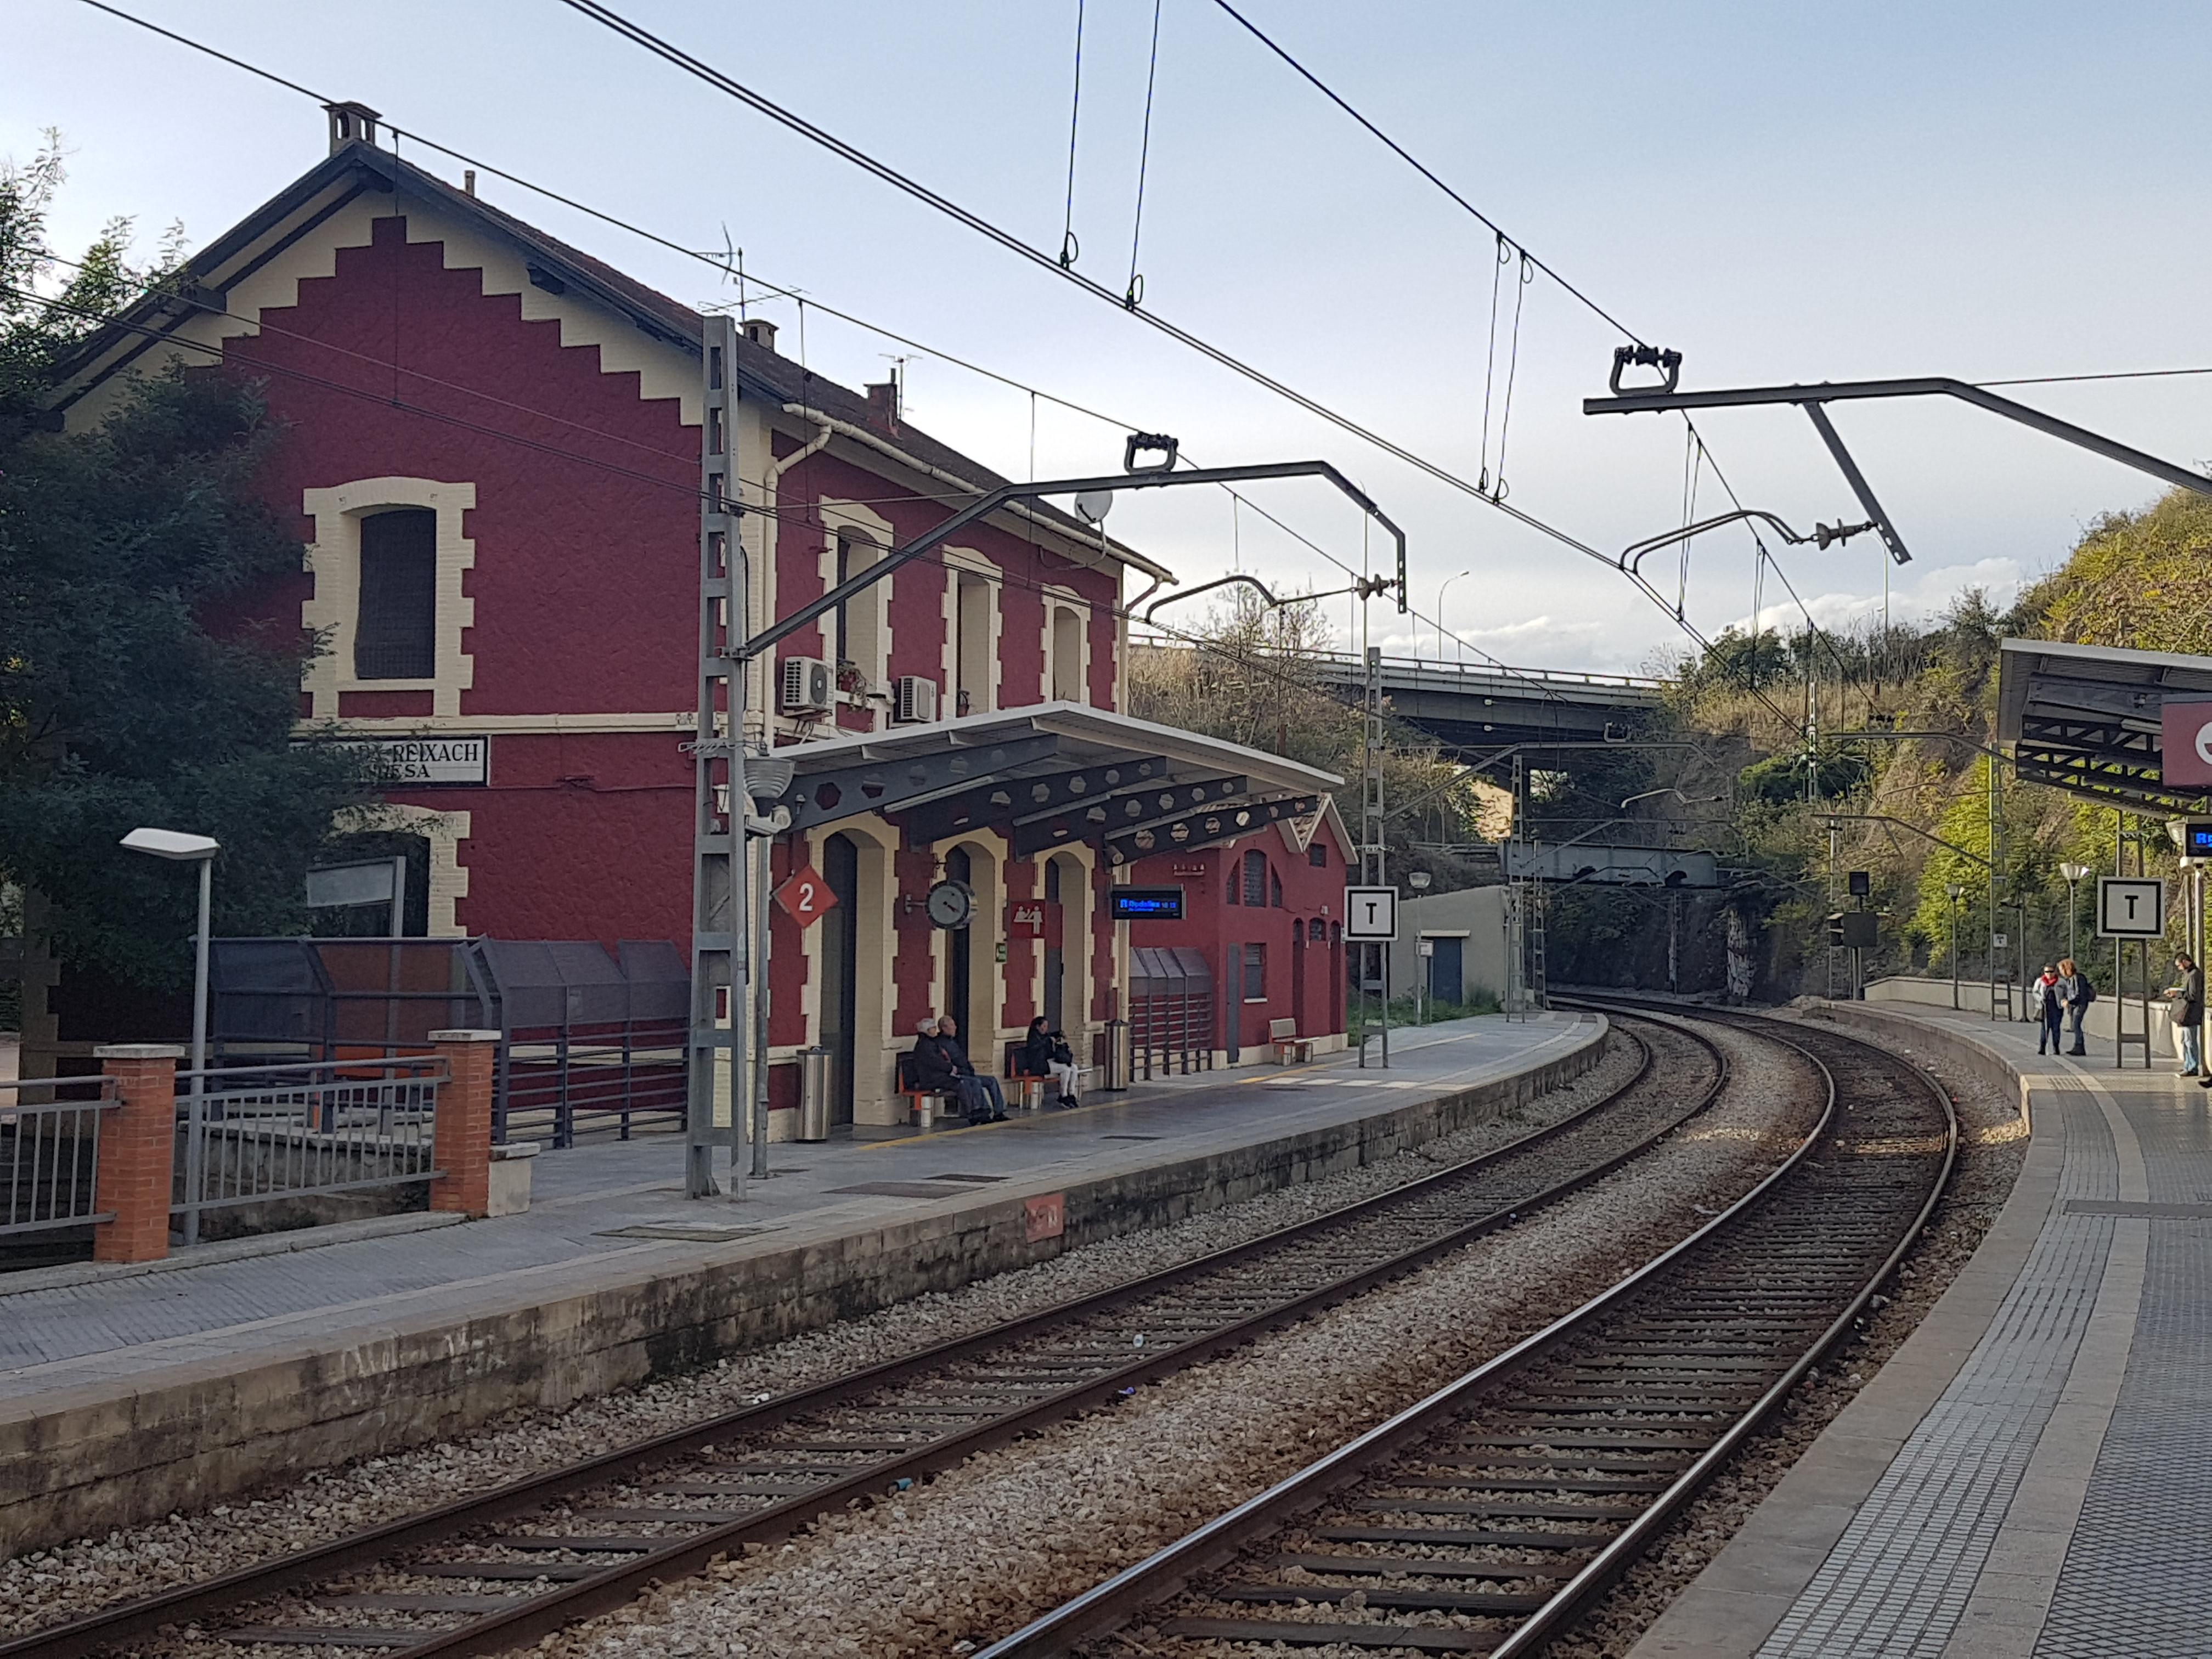 Estación De Moncada Y Reixach Manresa Wikipedia La Enciclopedia Libre